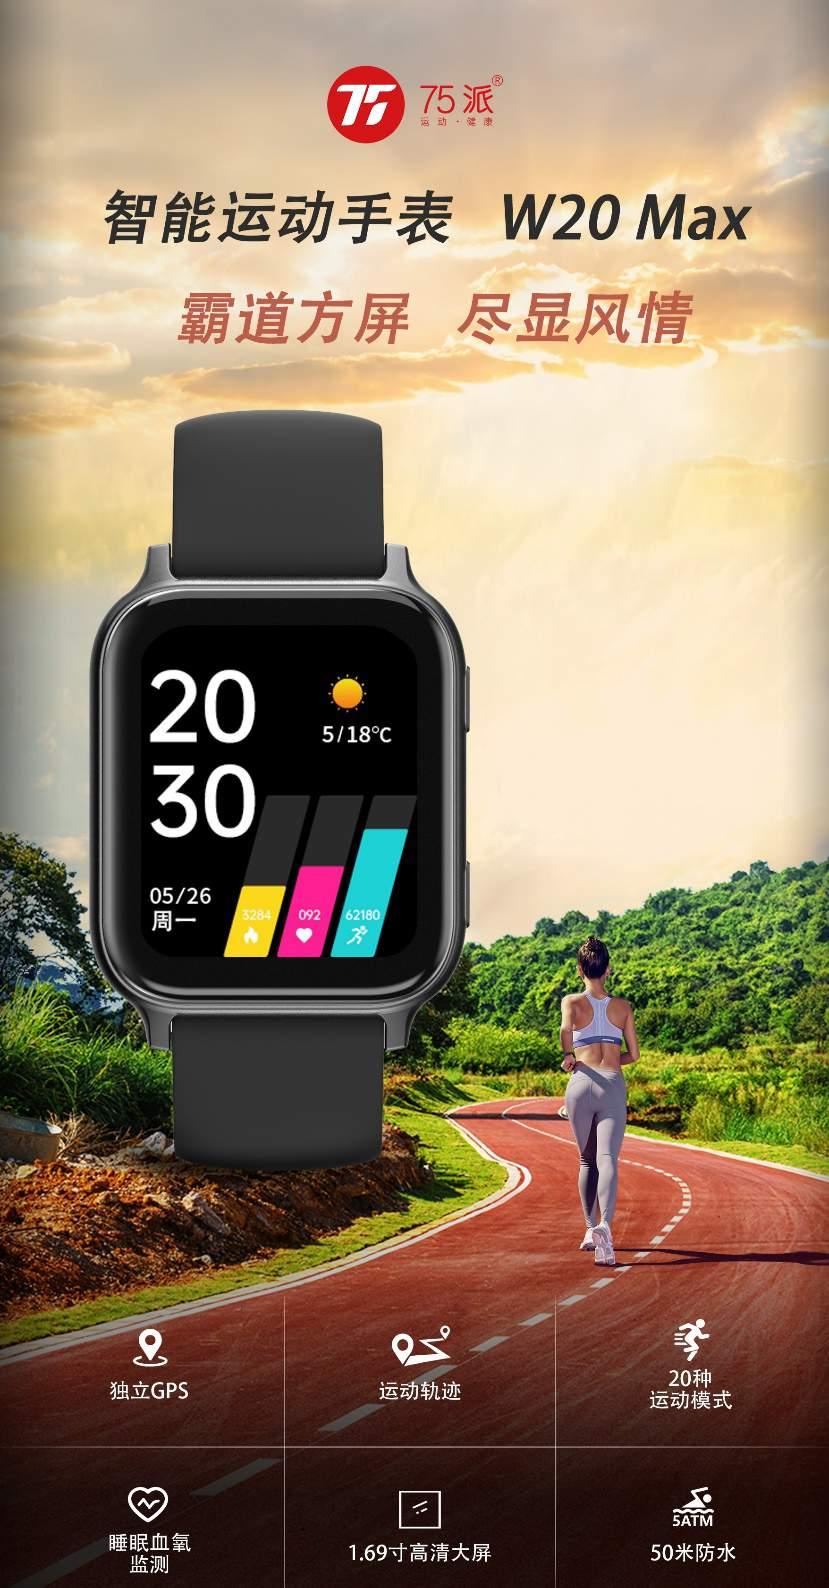 运动私教+健康顾问全拥有,75派智能运动手表W20 Max全新上市